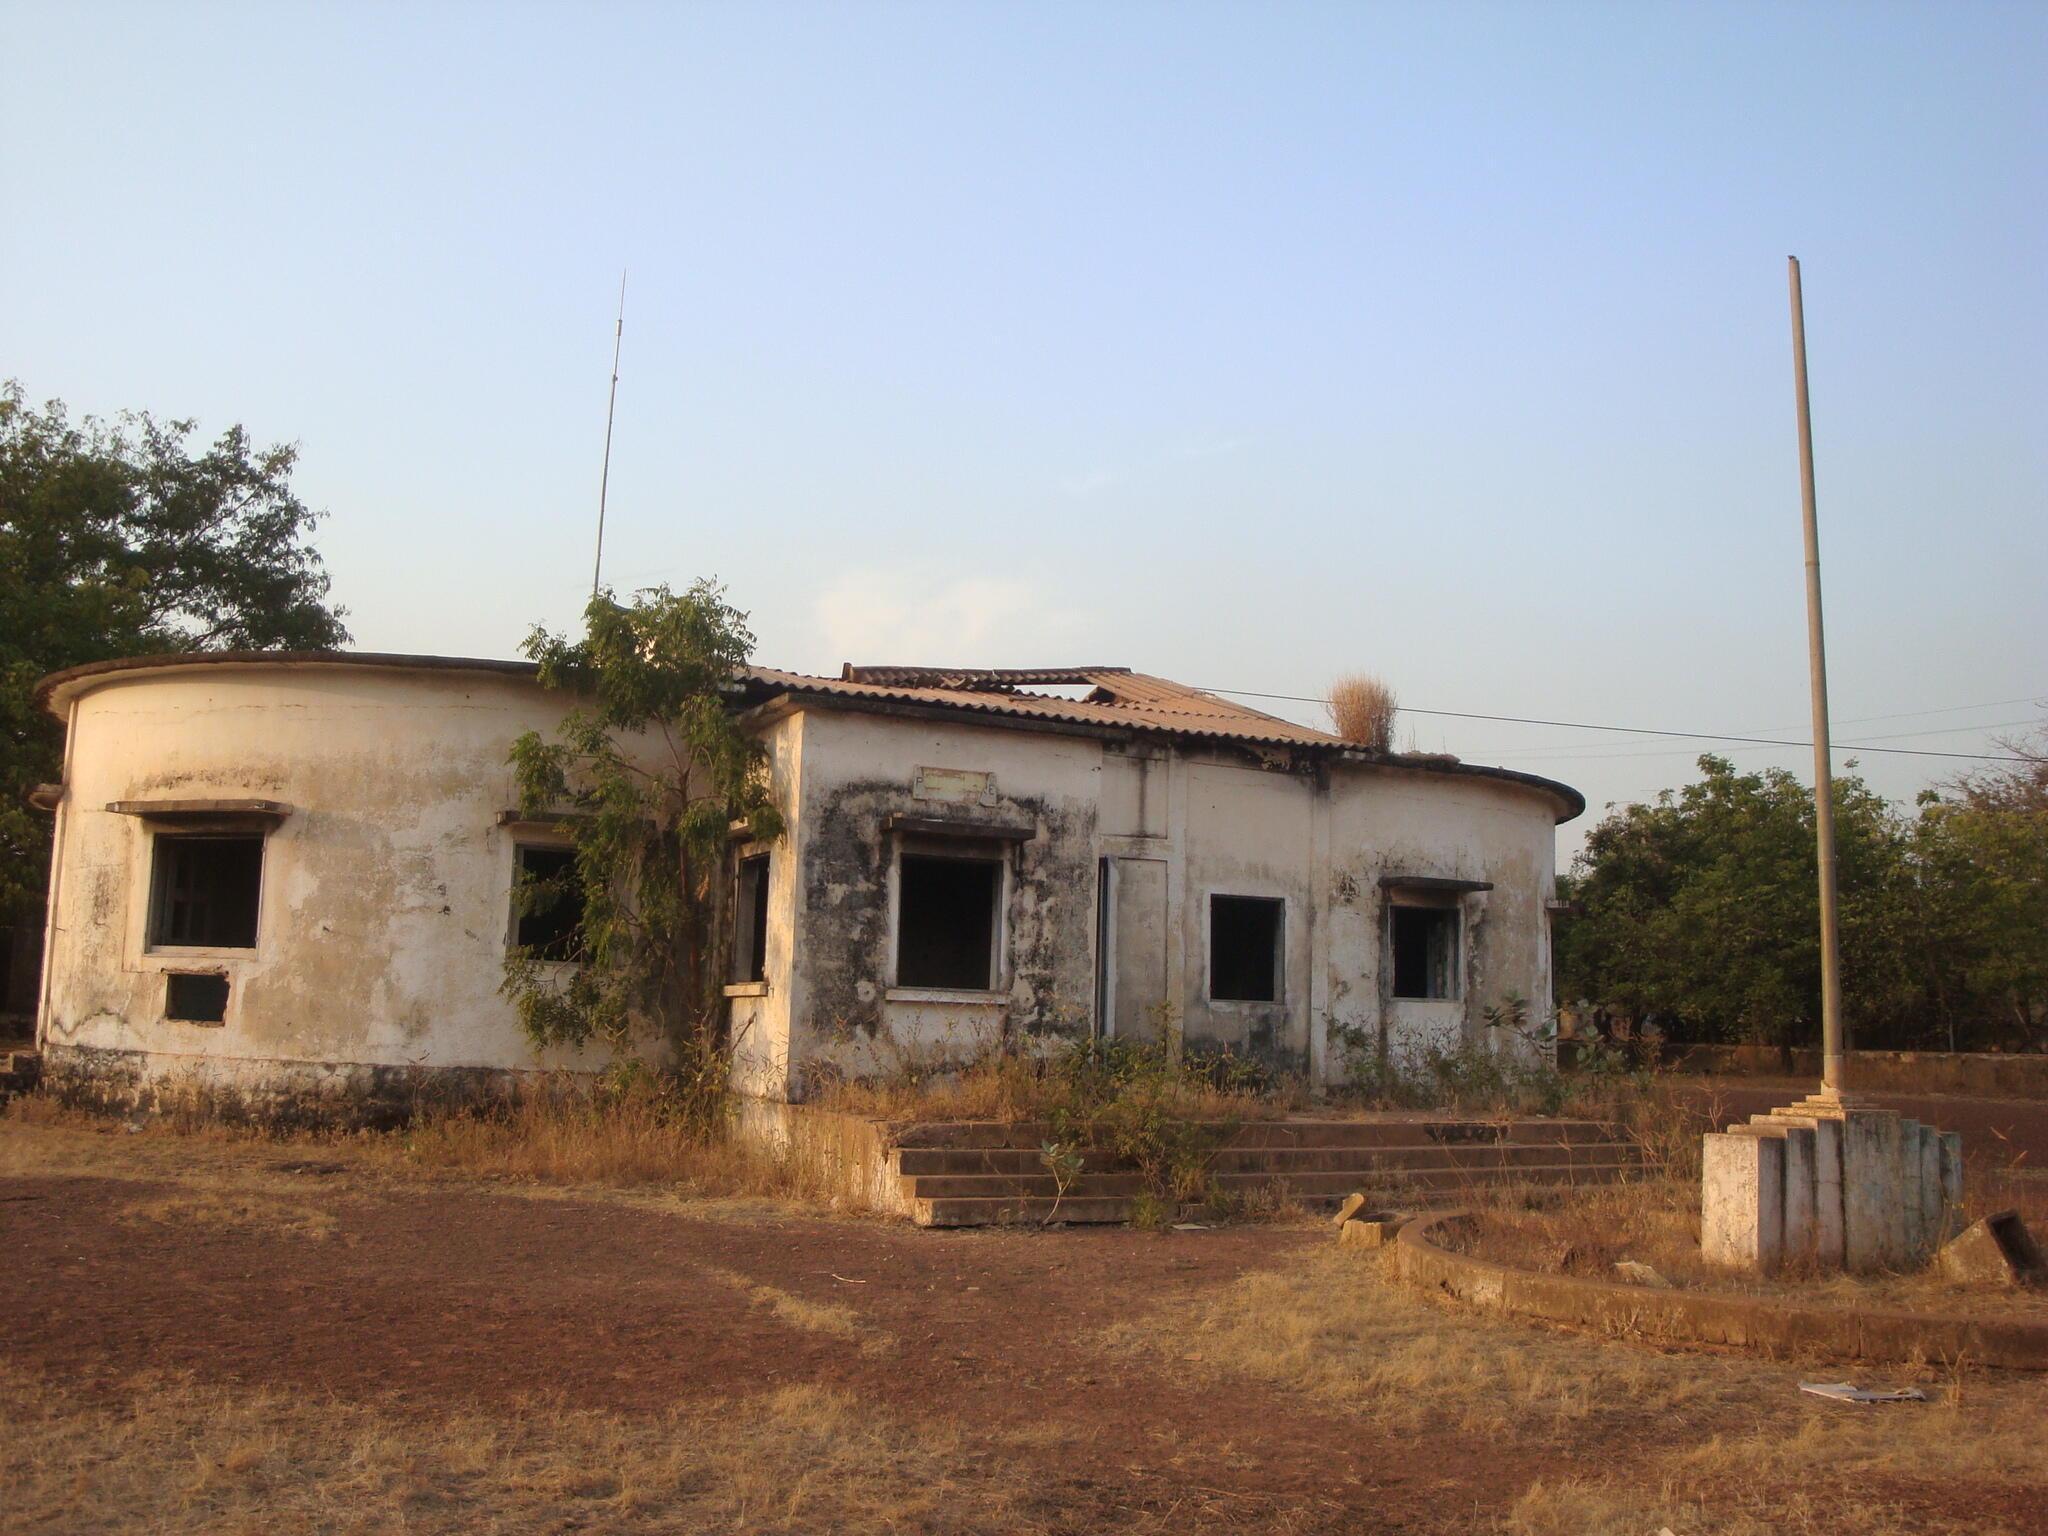 Depuis les violentes manifestations des jeunes de décembre 2008, la préfecture de Kédougou n'a jamais été réhabilitée.